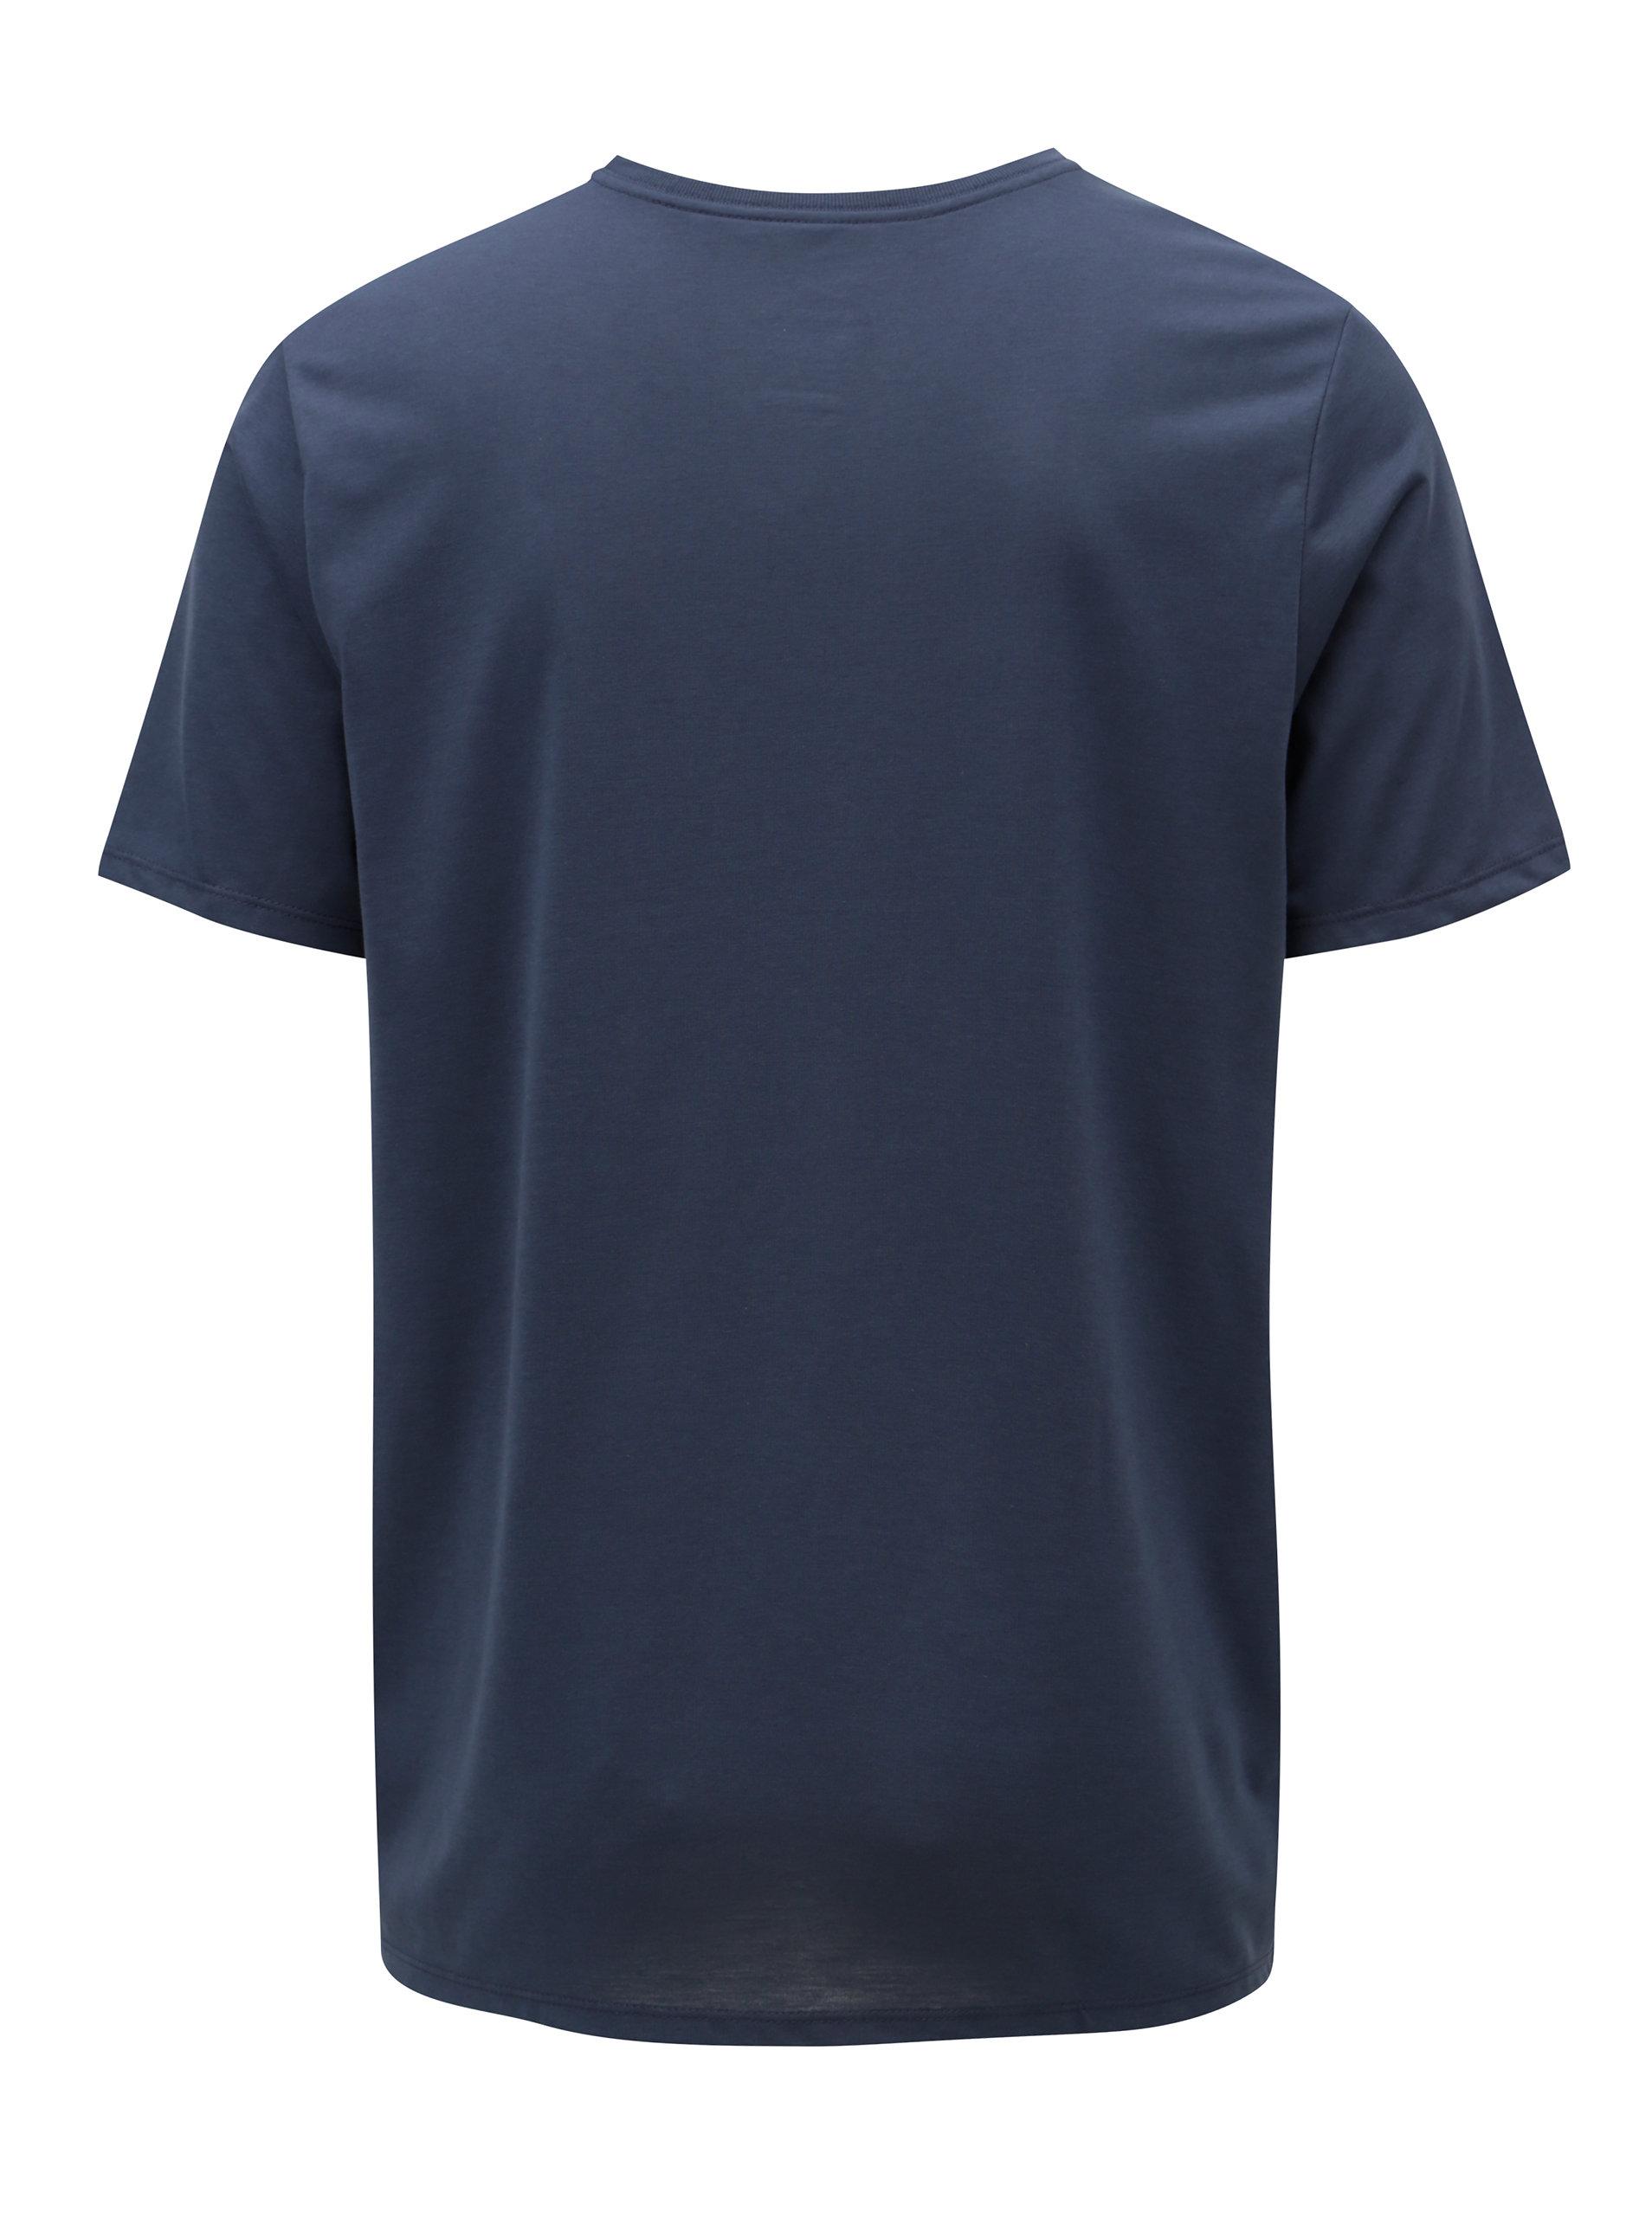 0d197c257130 Tmavomodré pánske funkčné tričko s potlačou Nike Athlete ...